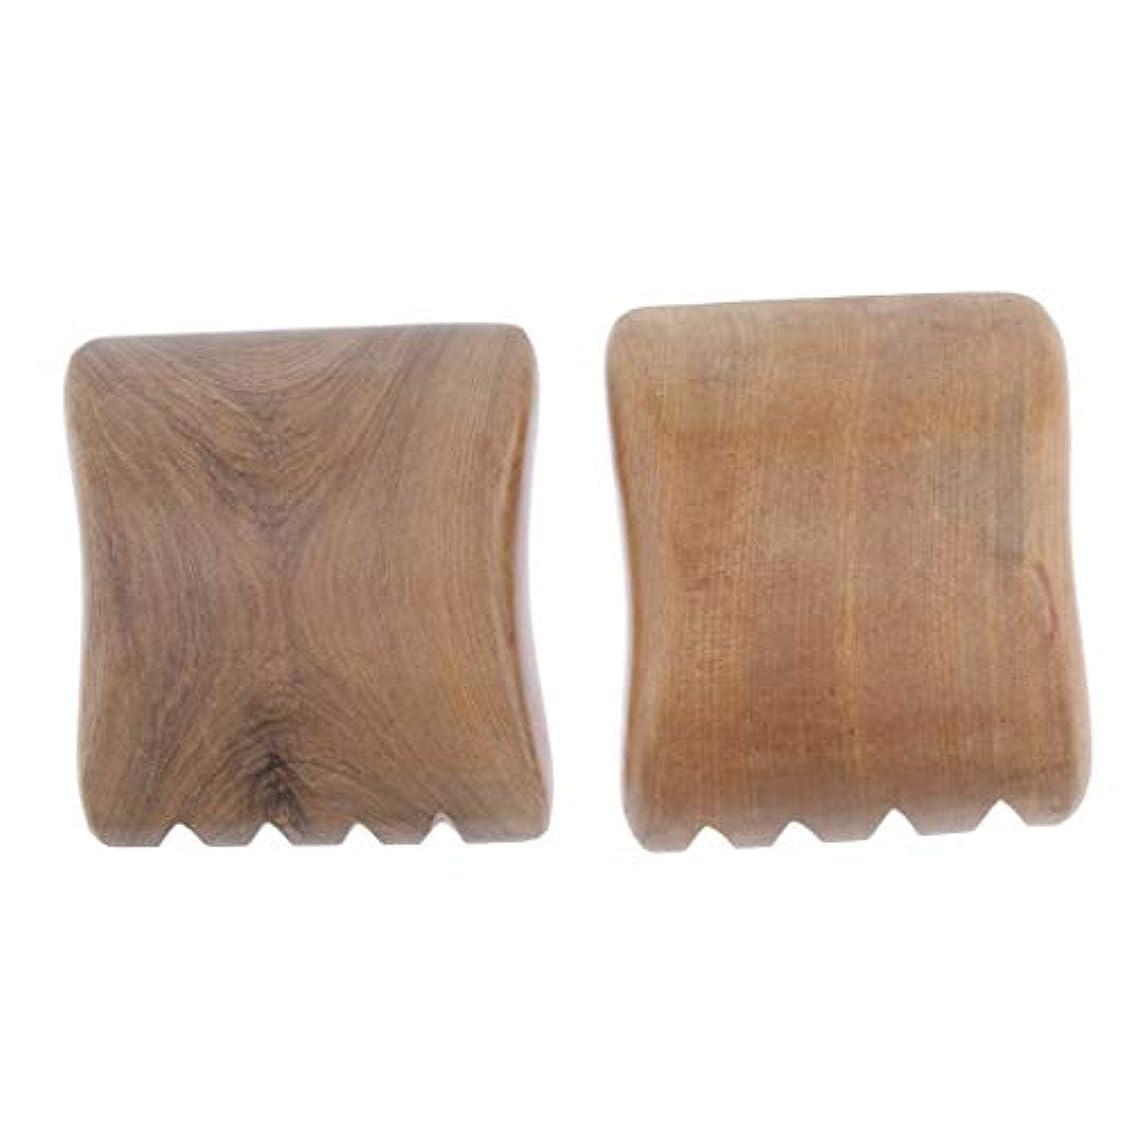 貨物芸術的収束サンダルウッド ポータブル 軽量 かっさプレート 美顔 ボディ マッサージ 使いやすい 4種選ぶ - 4